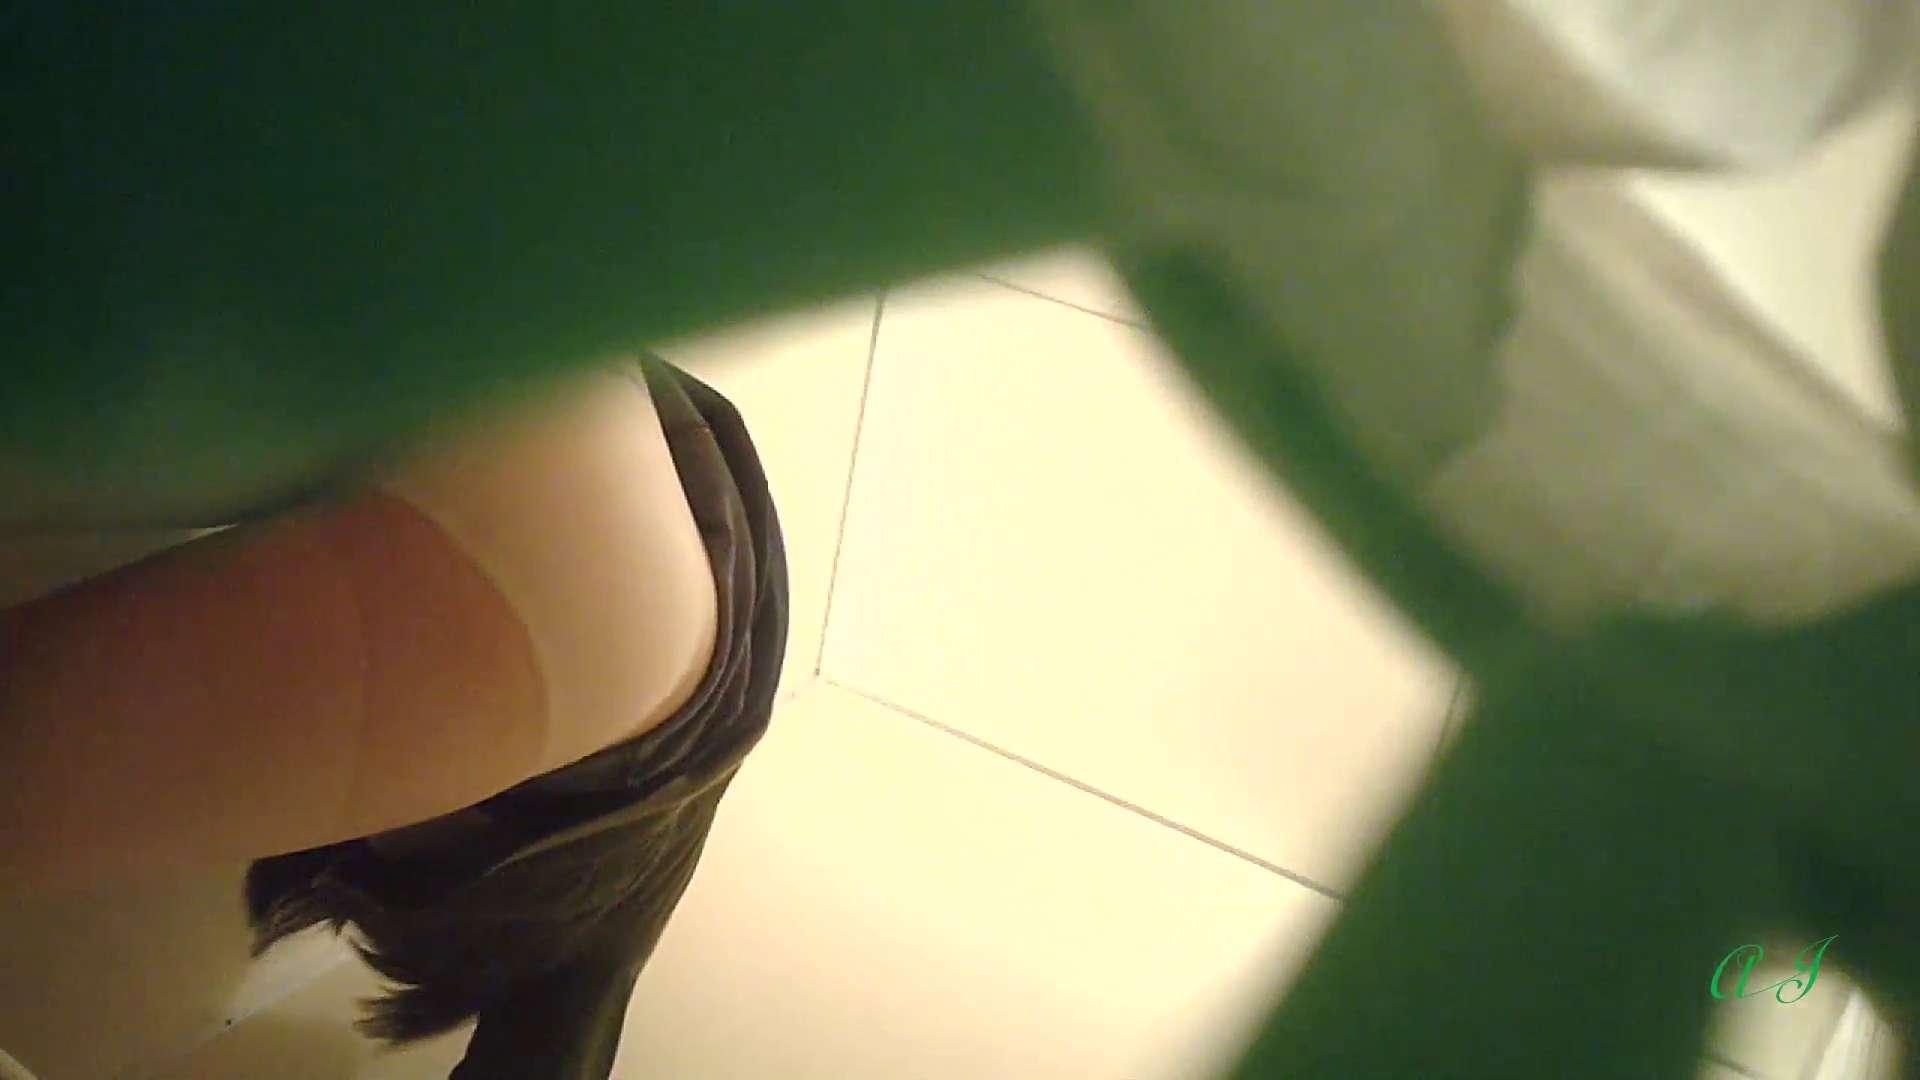 有名大学女性洗面所 vol.64 圧巻!総勢8名全員美女ばかり!! ギャル達 ワレメ無修正動画無料 80枚 24